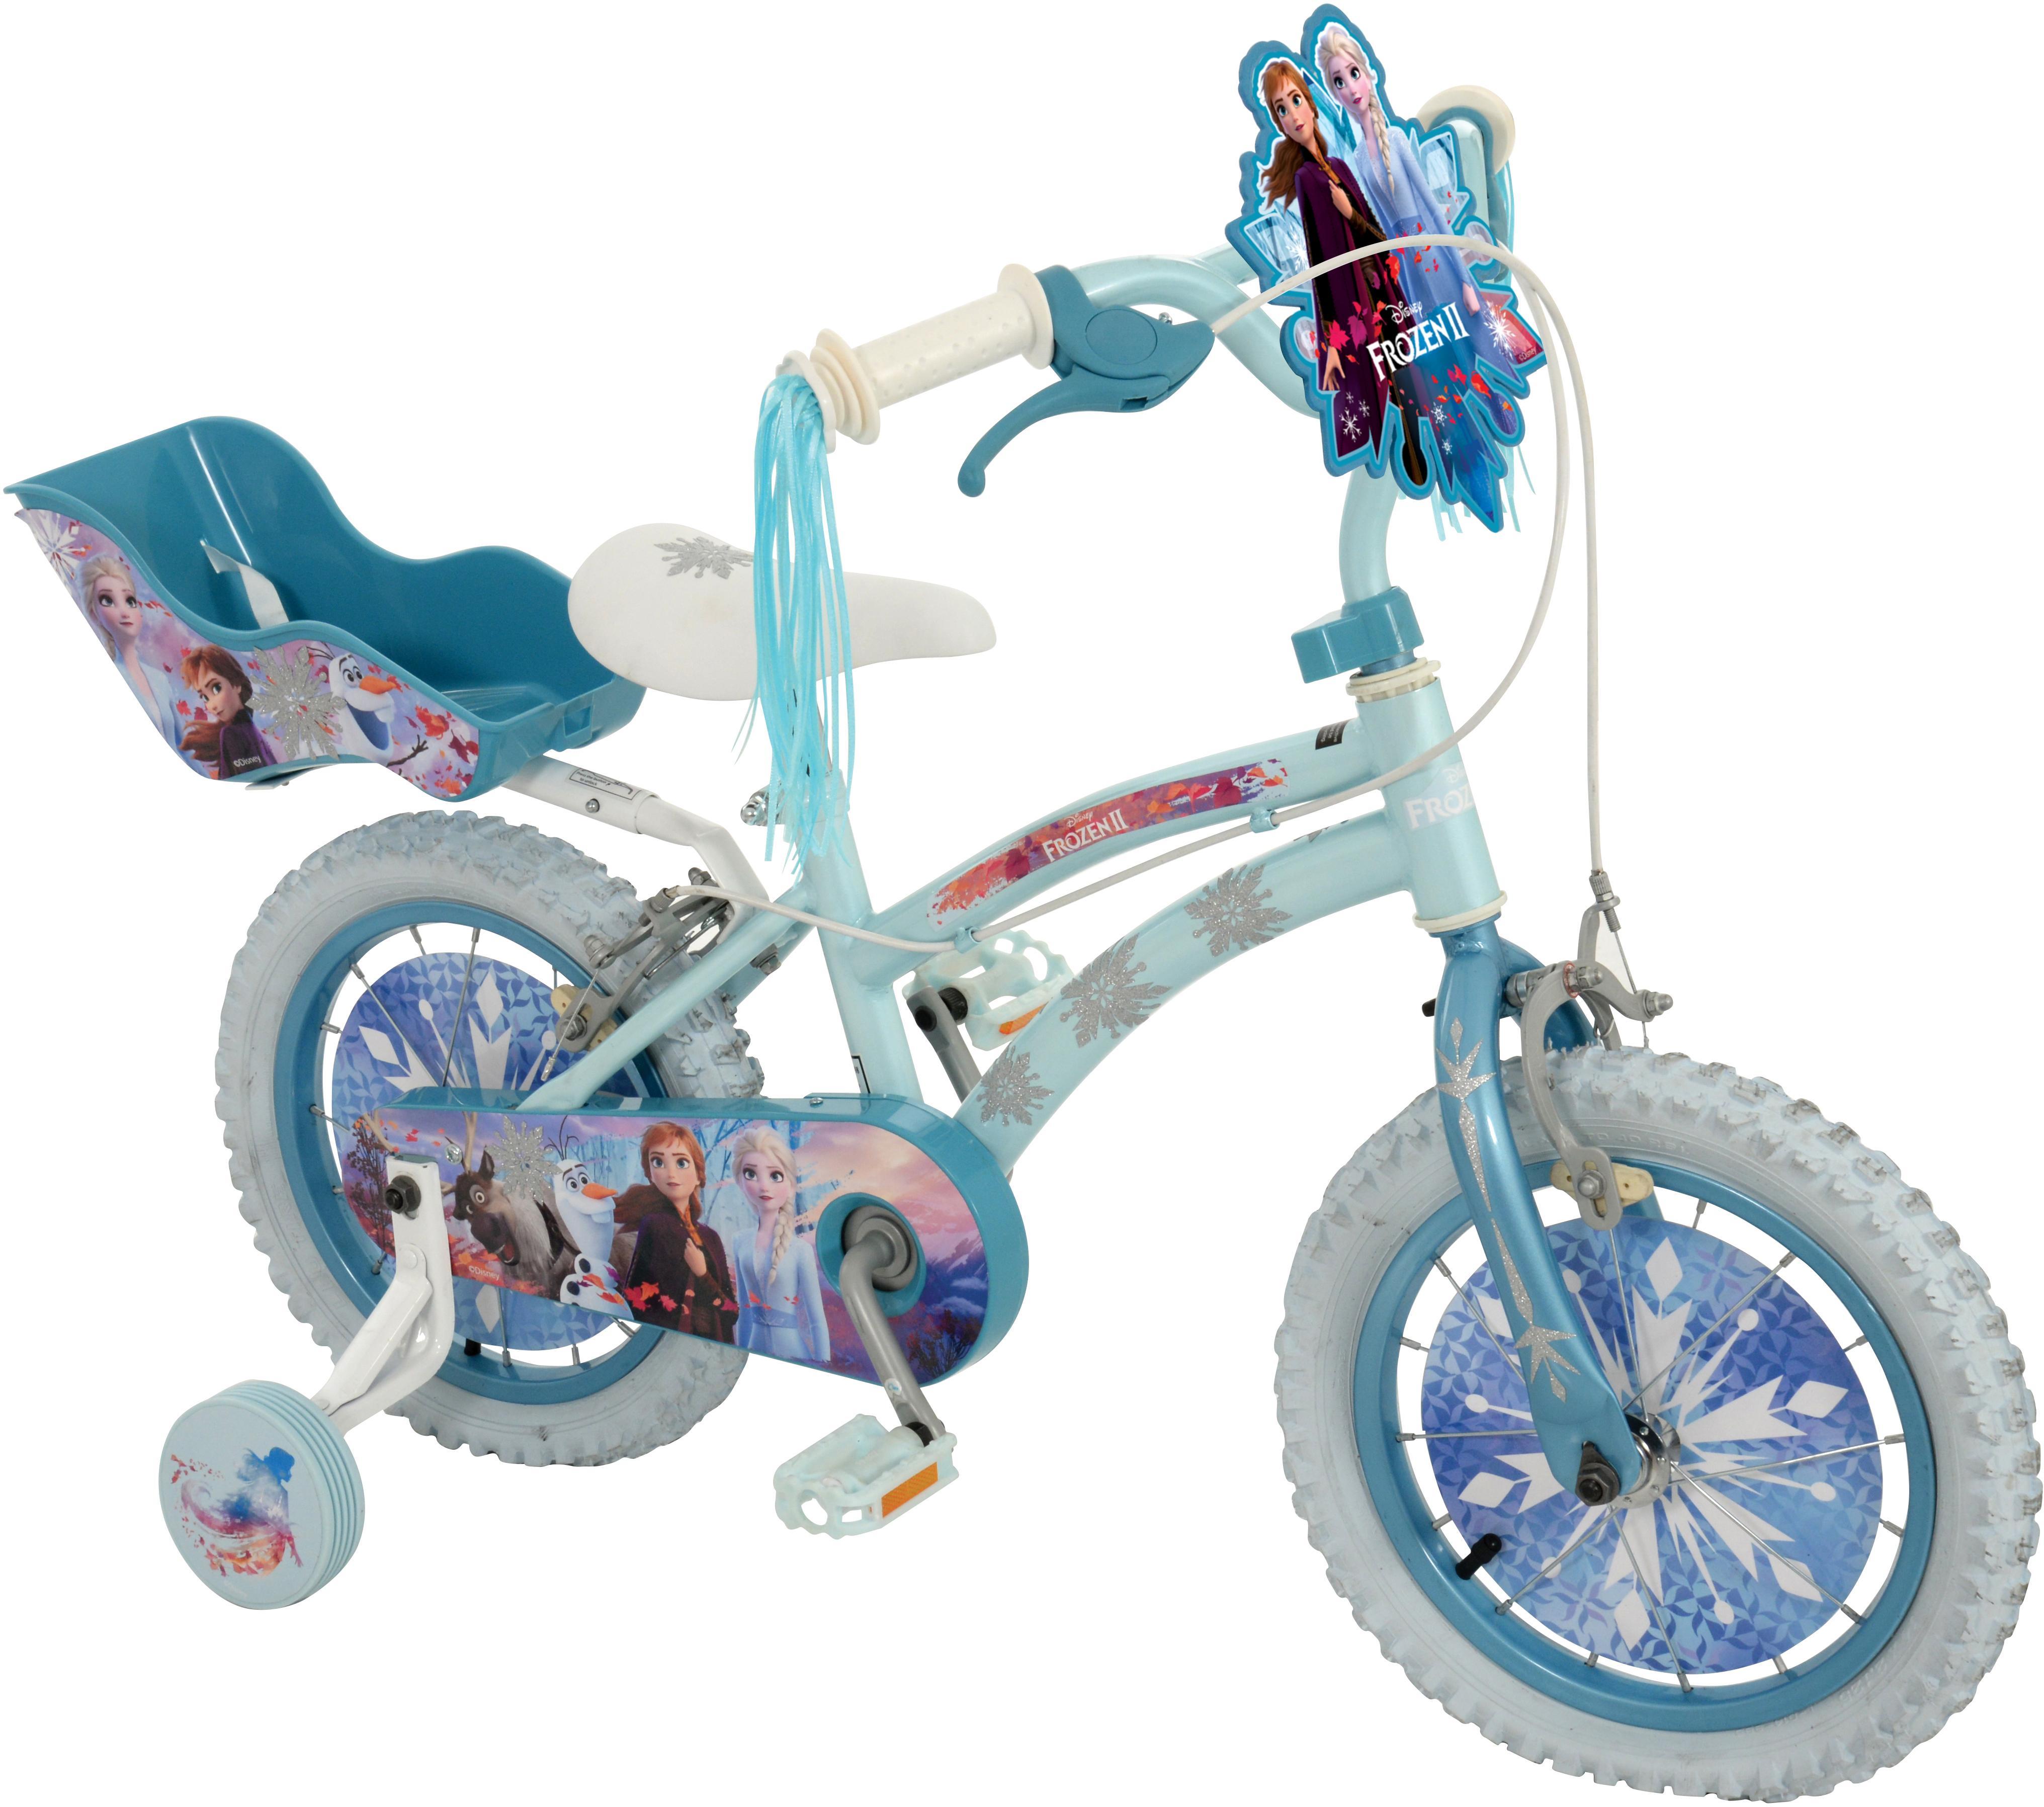 Frozen 2 Kids Bike   14 Inch Wheel